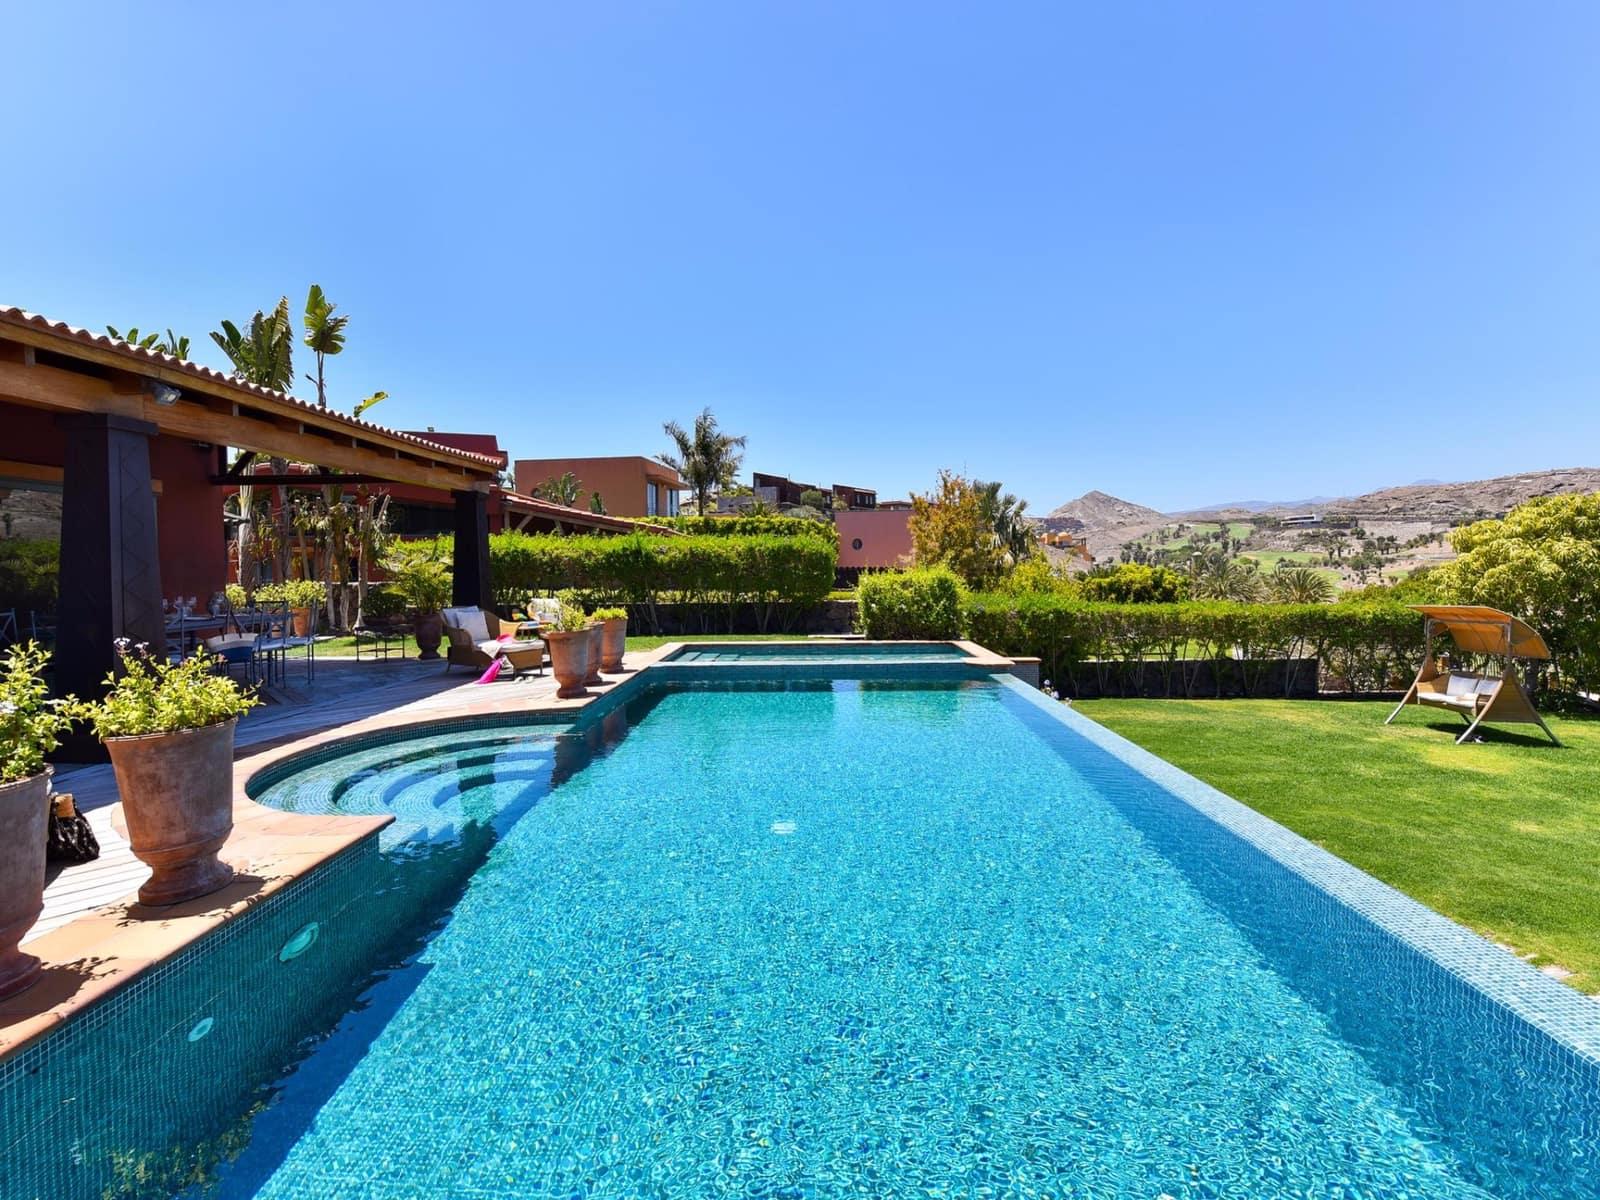 3 bedroom Villa for holiday rental in Salobre Golf - € 320 (Ref: 4688843)